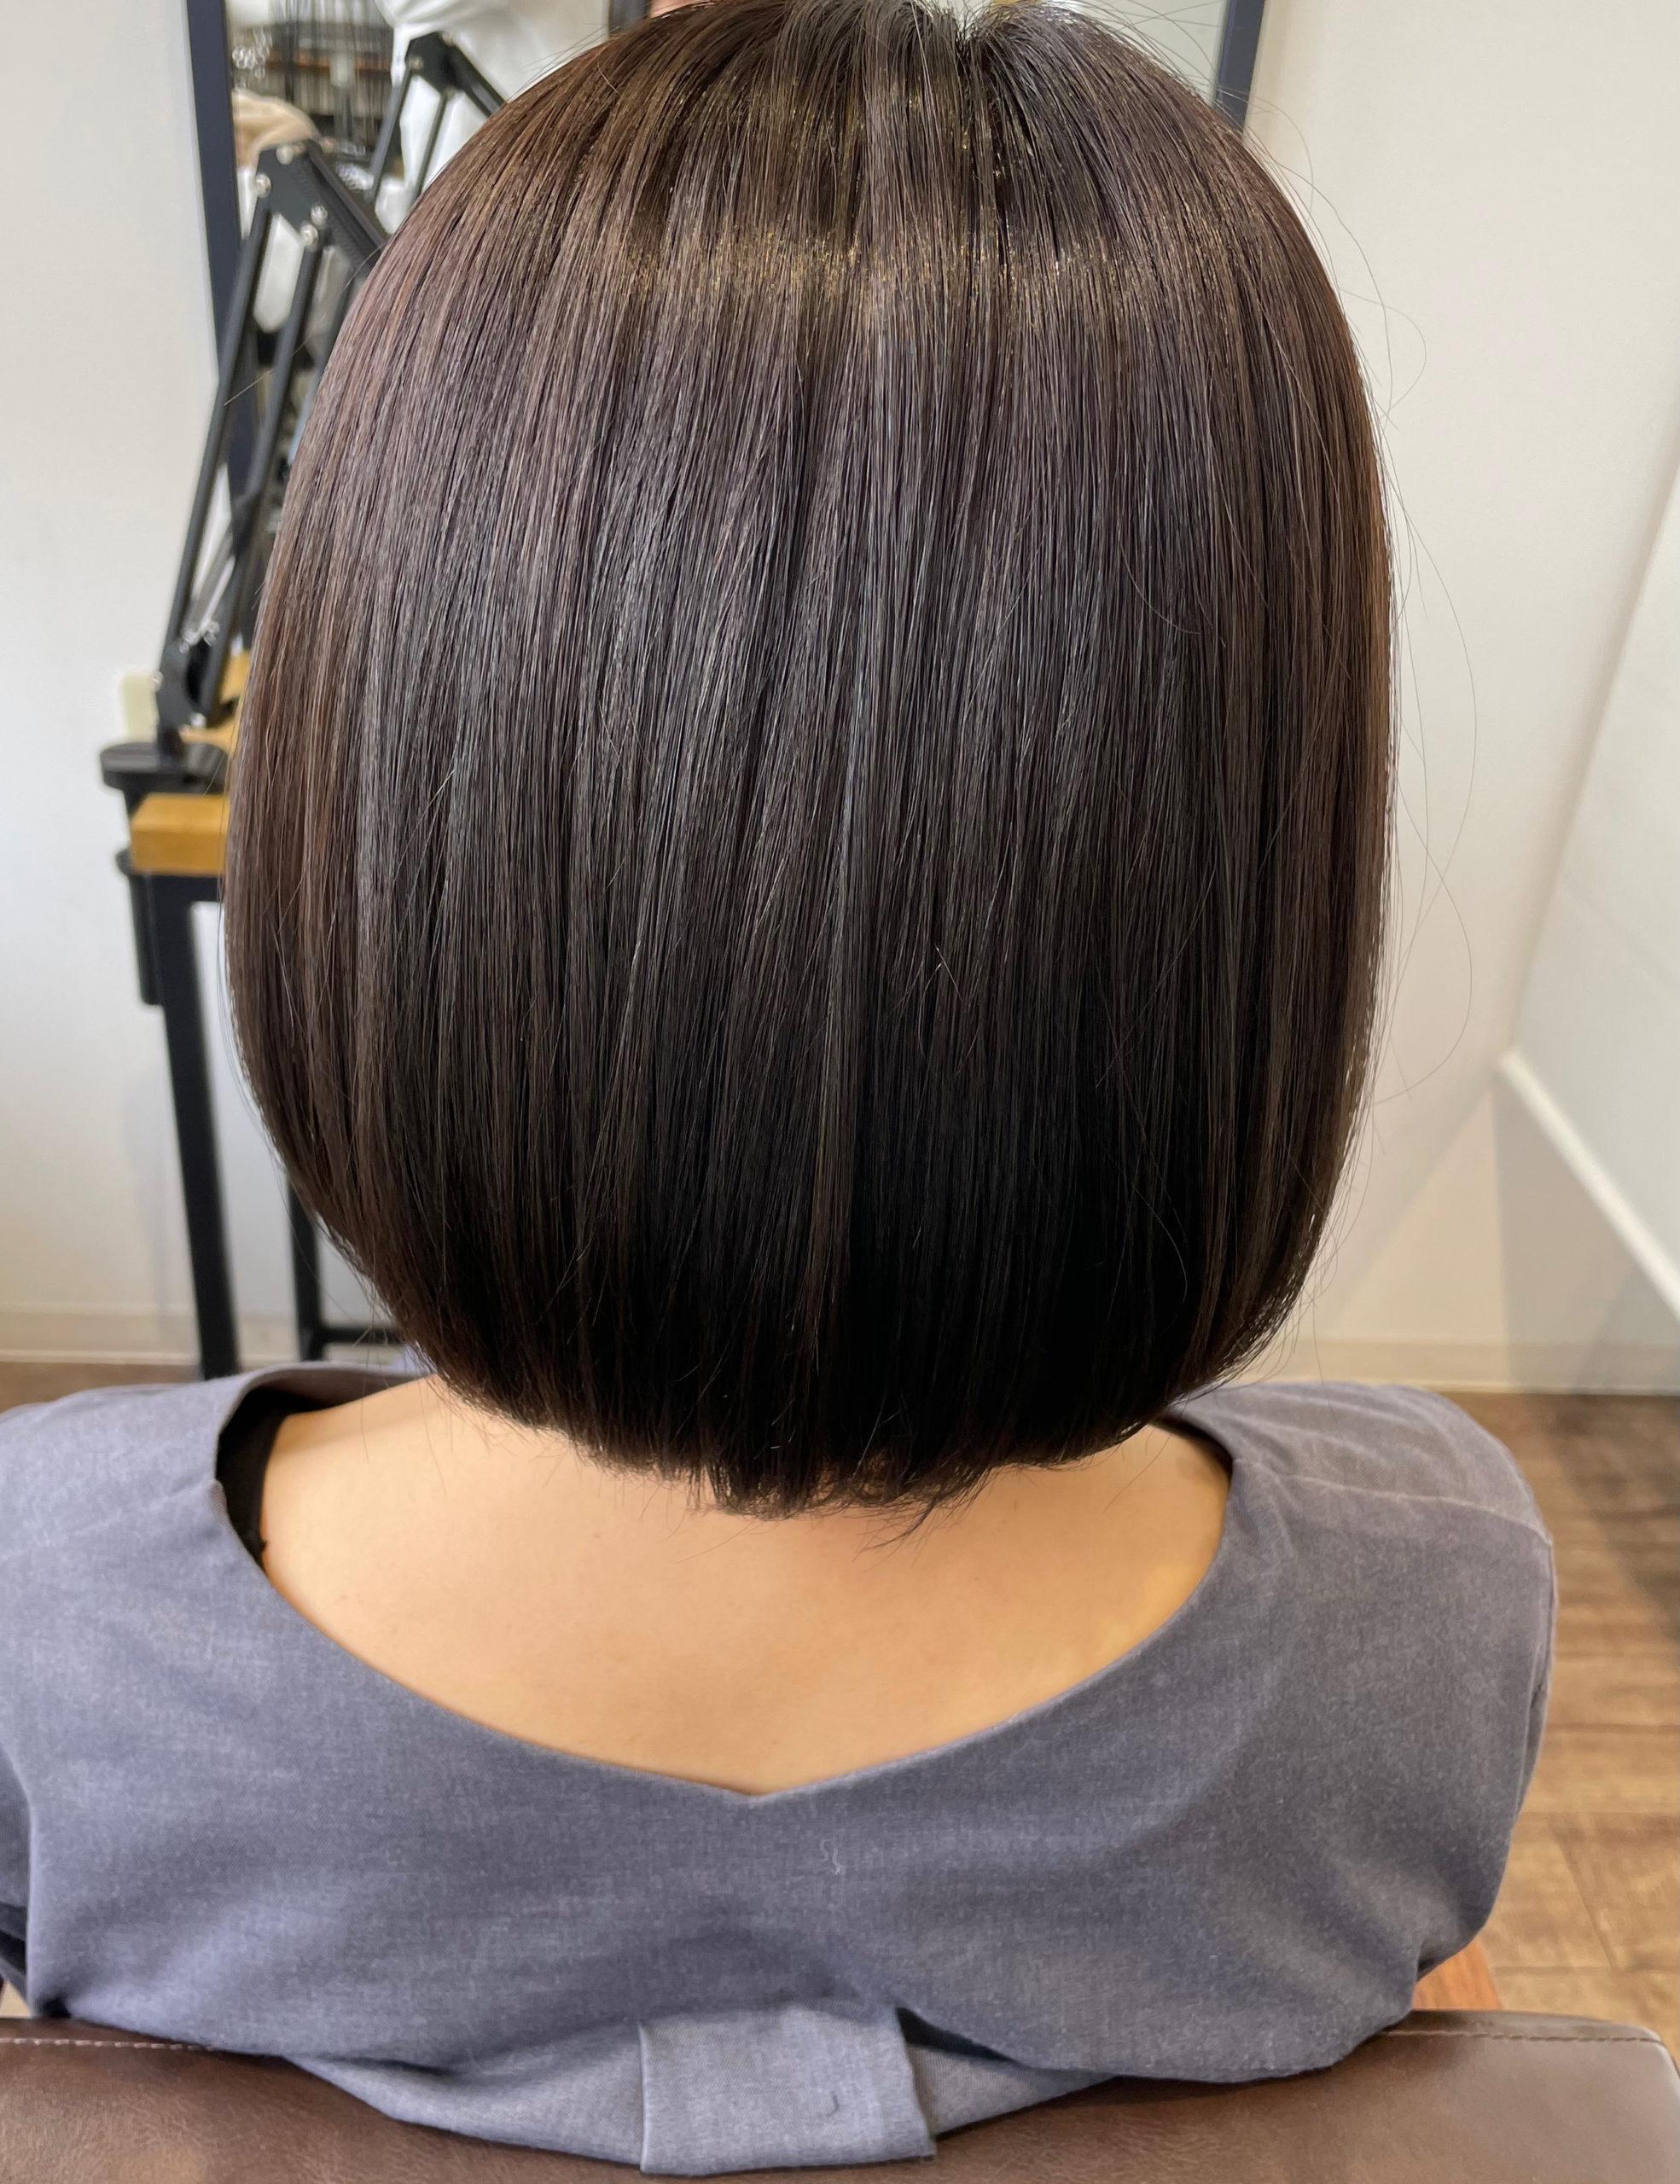 大分県別府市 髪の毛のオレンジみを消してアッシュブラウンの艶髪ヘアカラー アフター